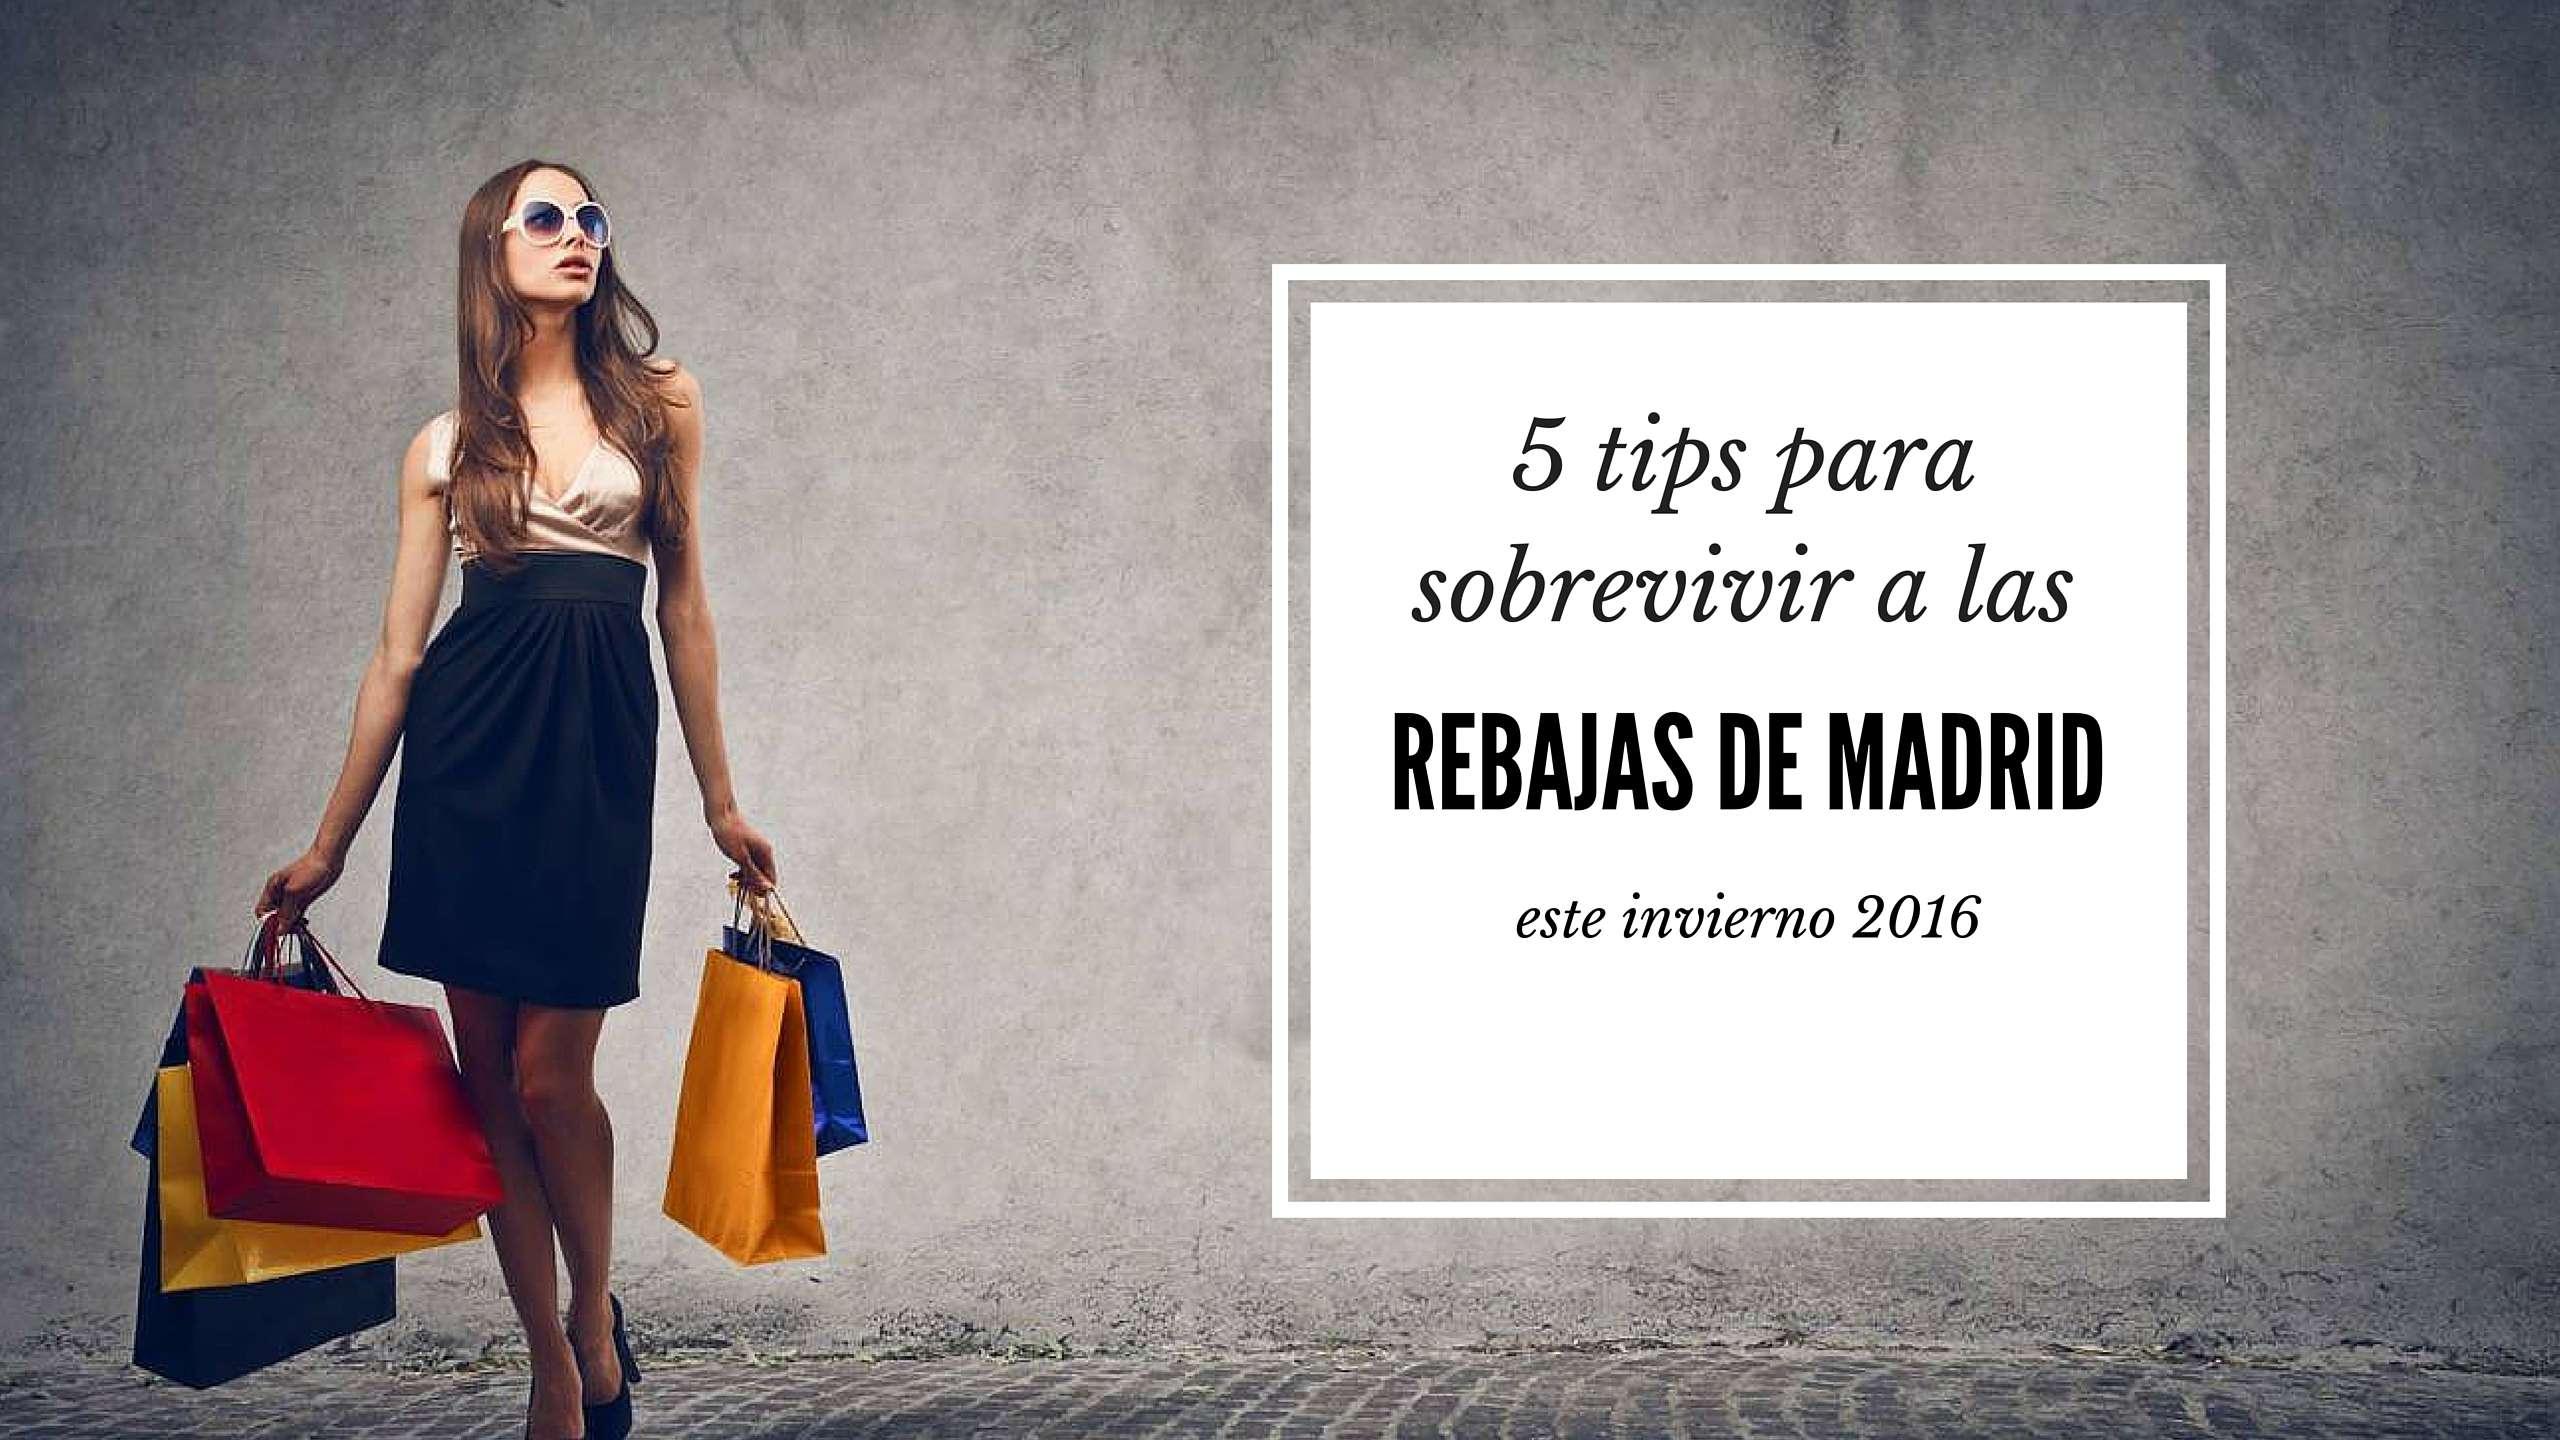 5 tips para sobrevivir a las rebajas de Madrid este invierno 2016 c9352793f5f